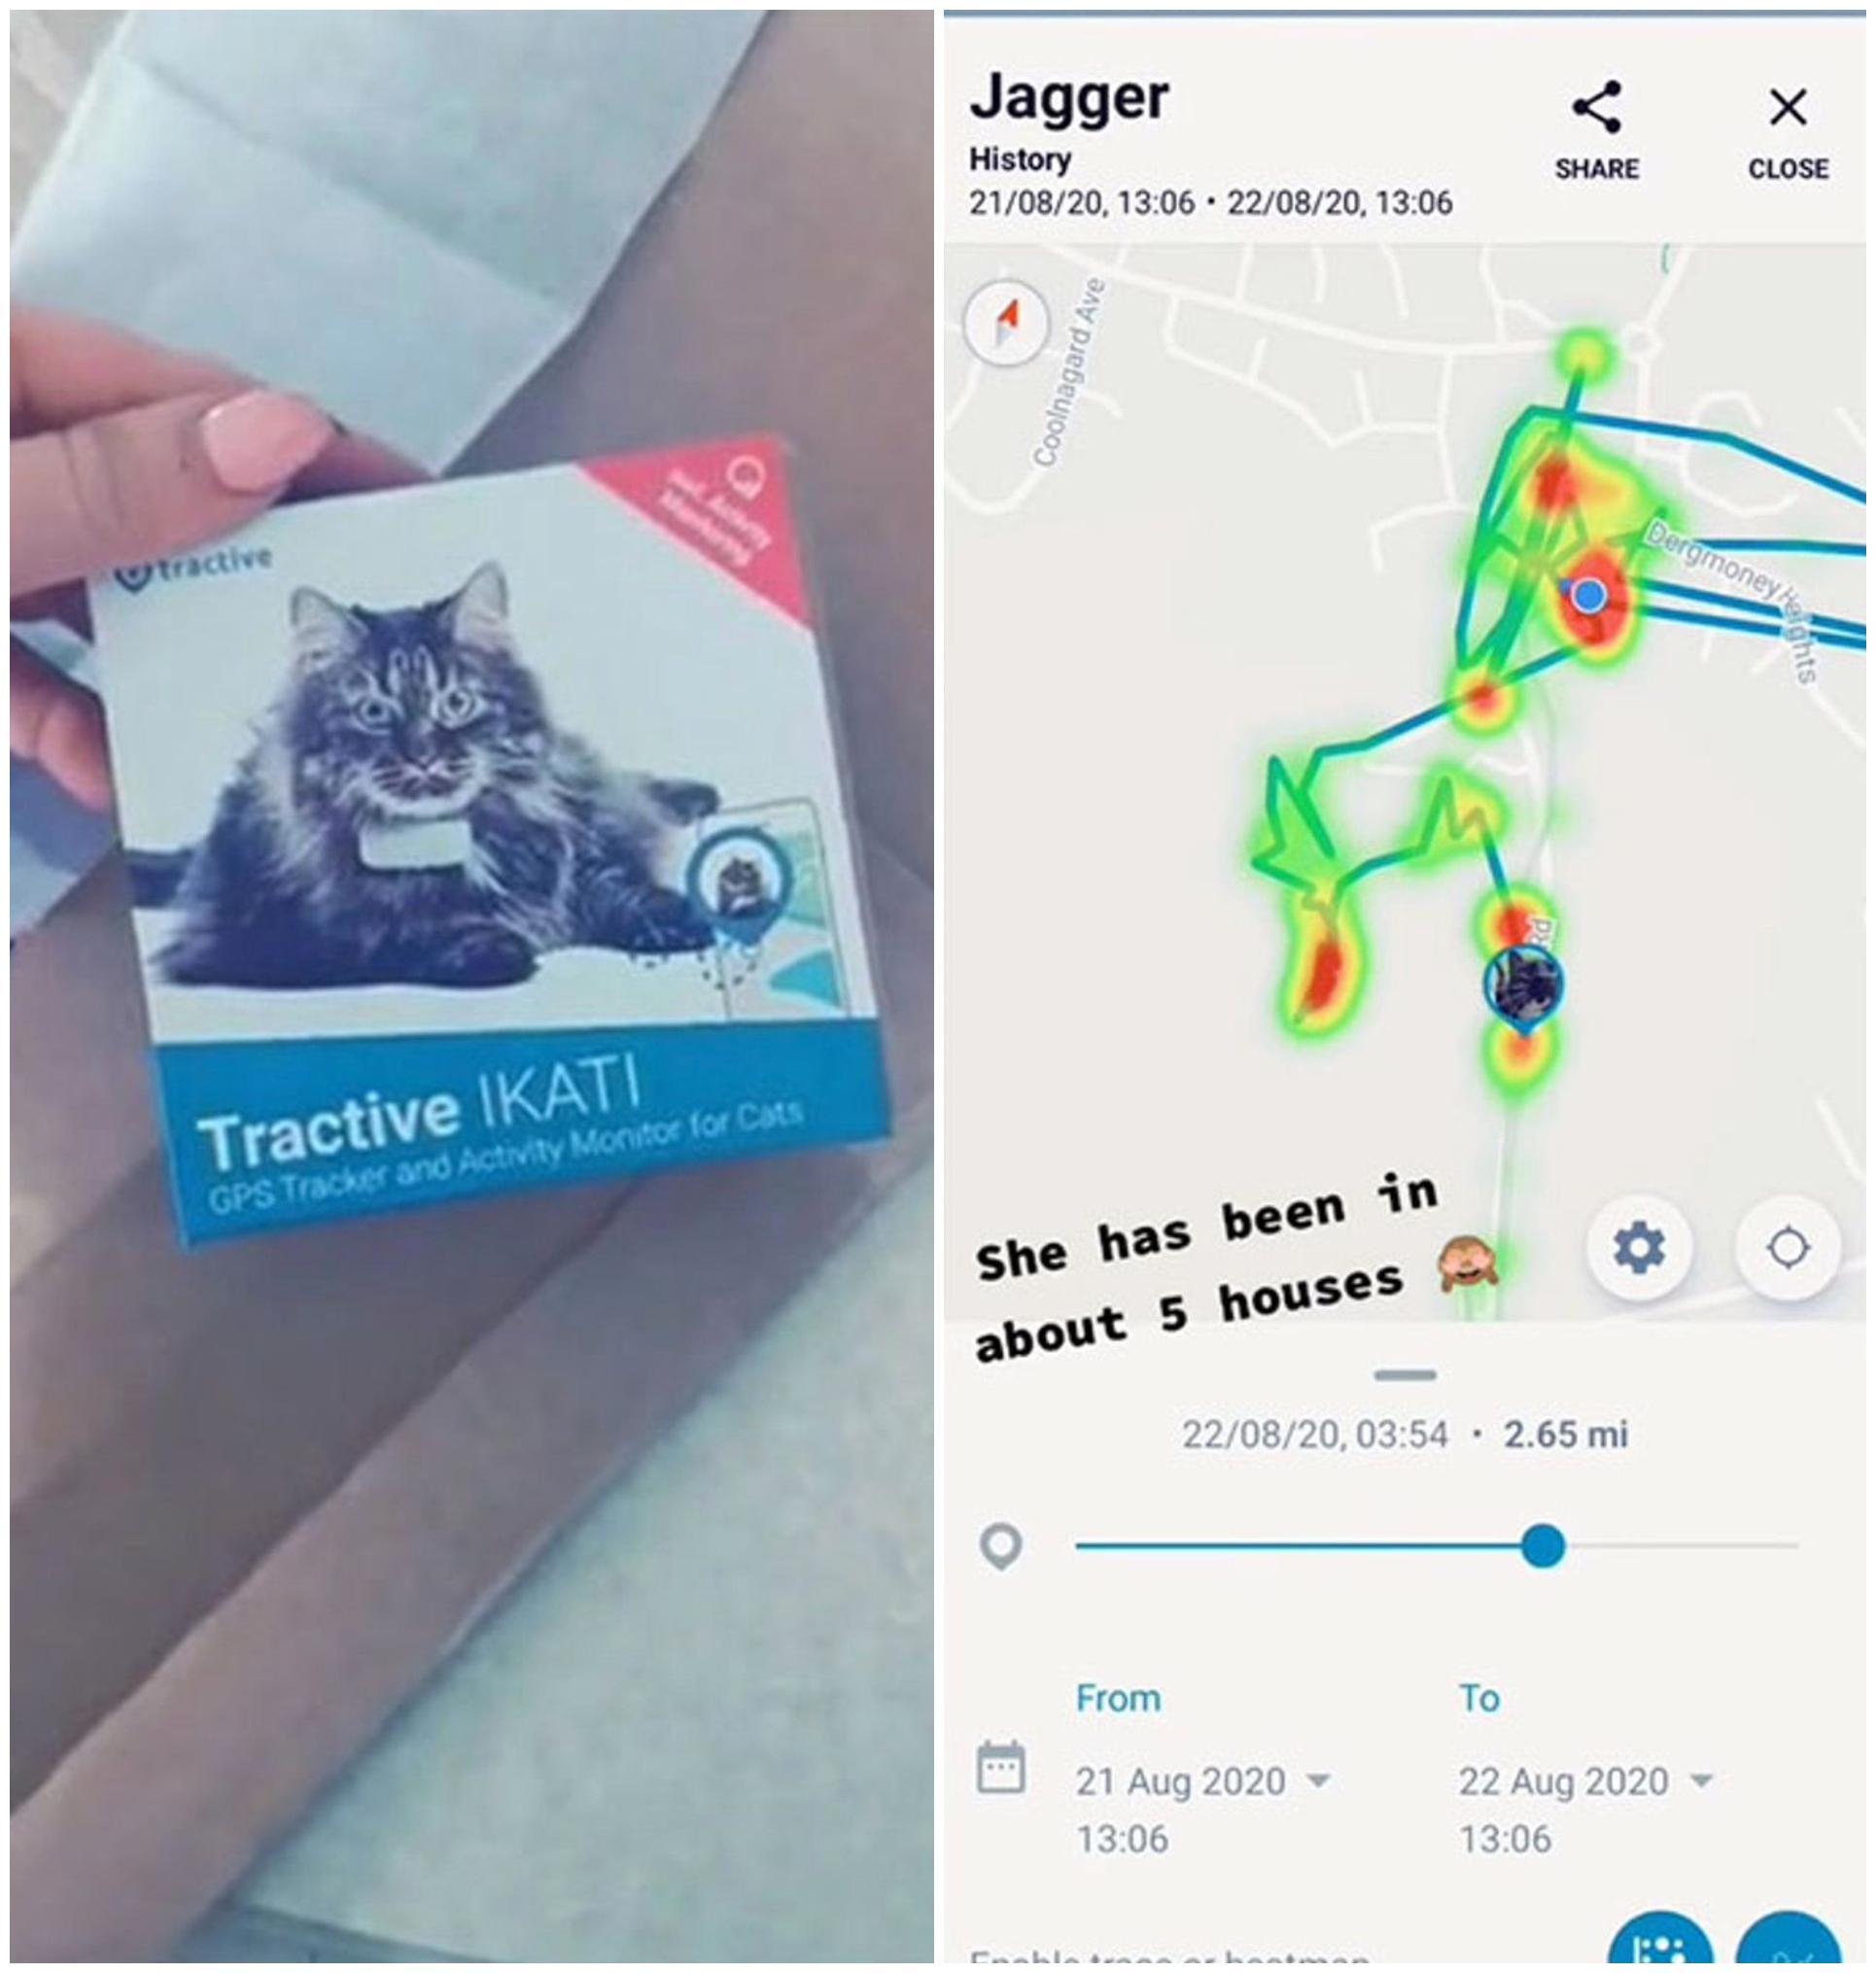 Mapa de GPS; Le pone GPS a su gatita y se da cuenta que visita 5 familias diferentes al día